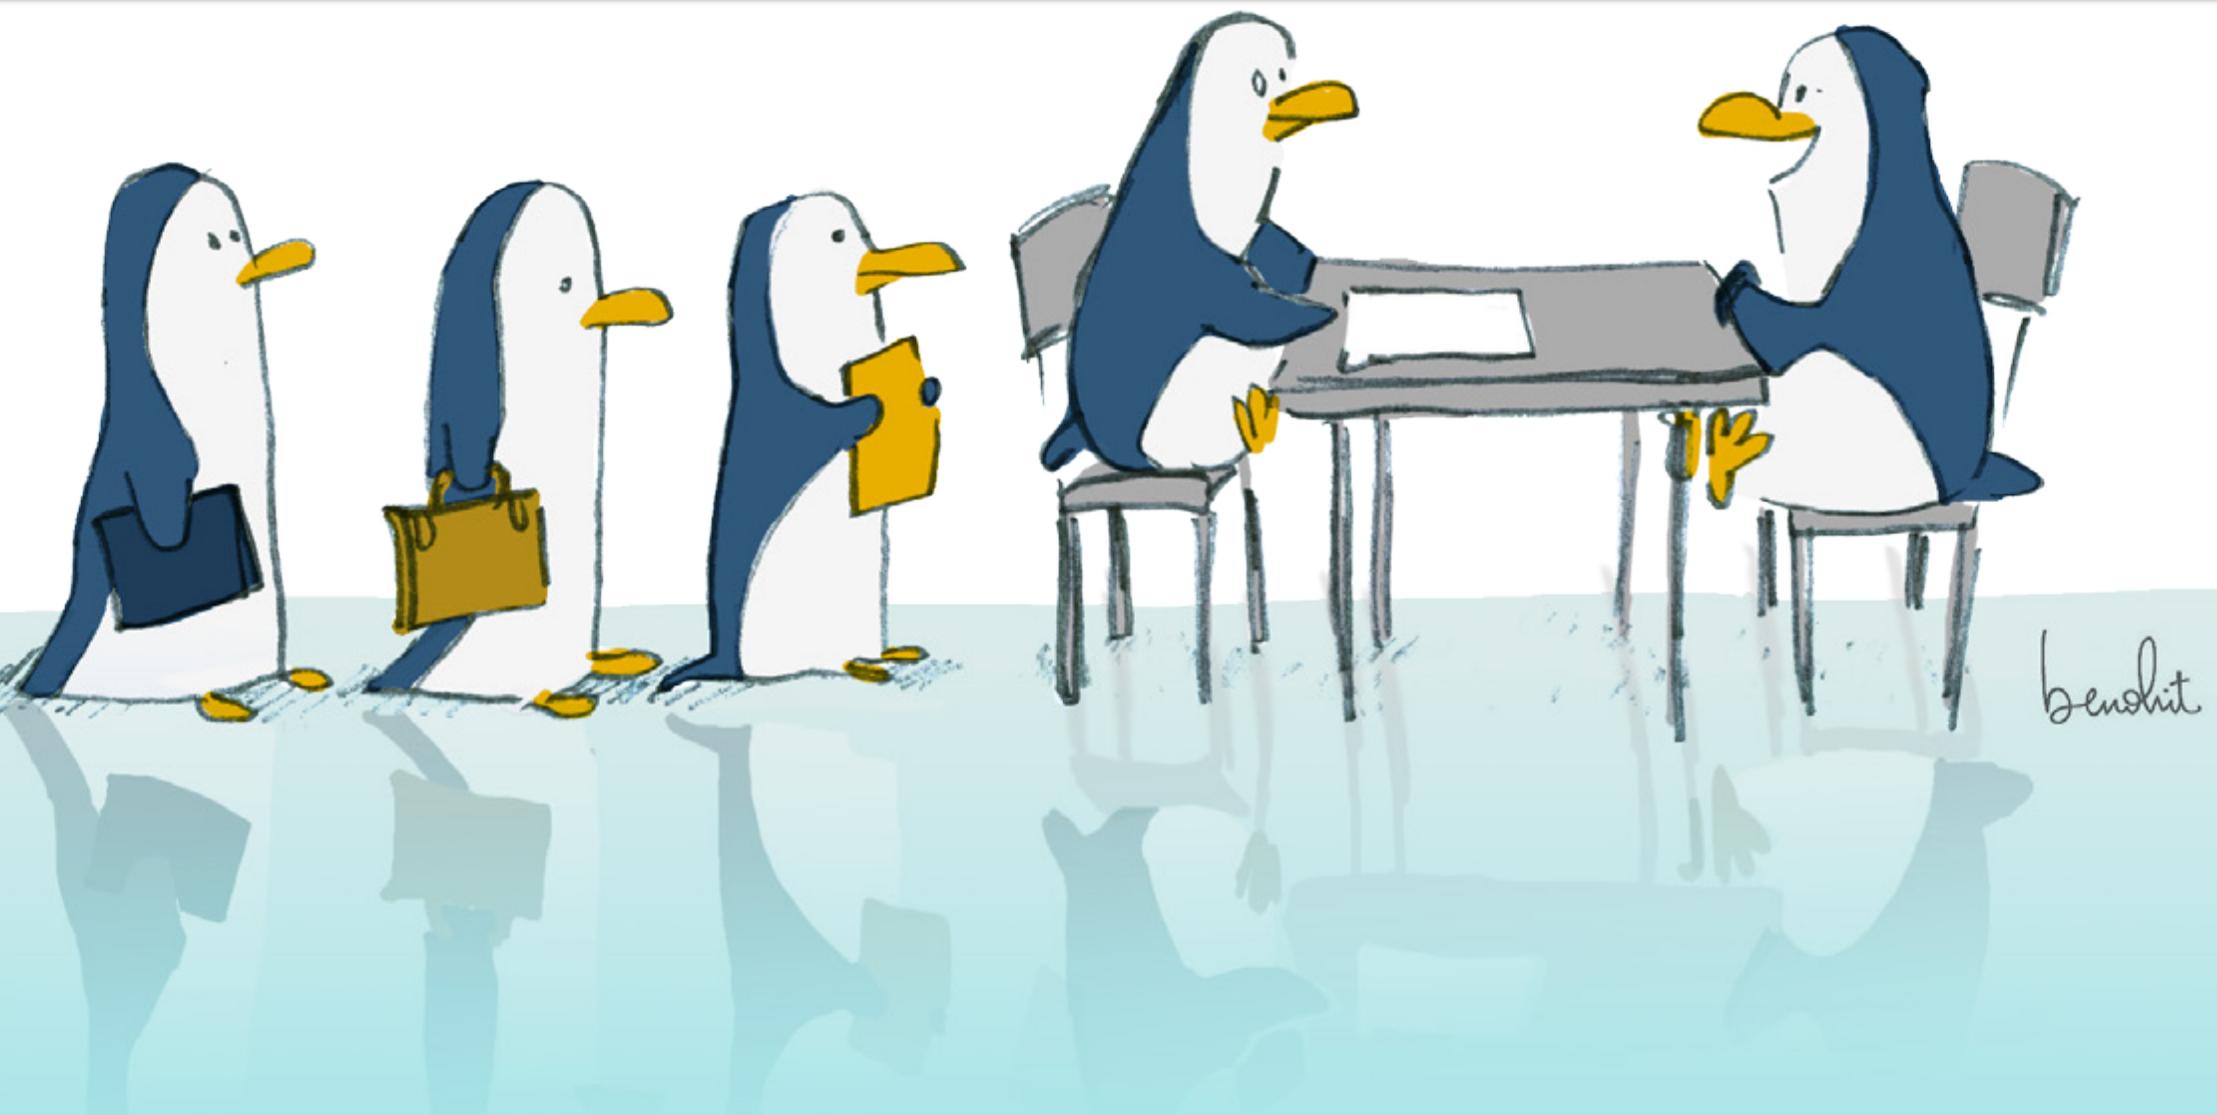 Dessins de pinguins font un recrutement